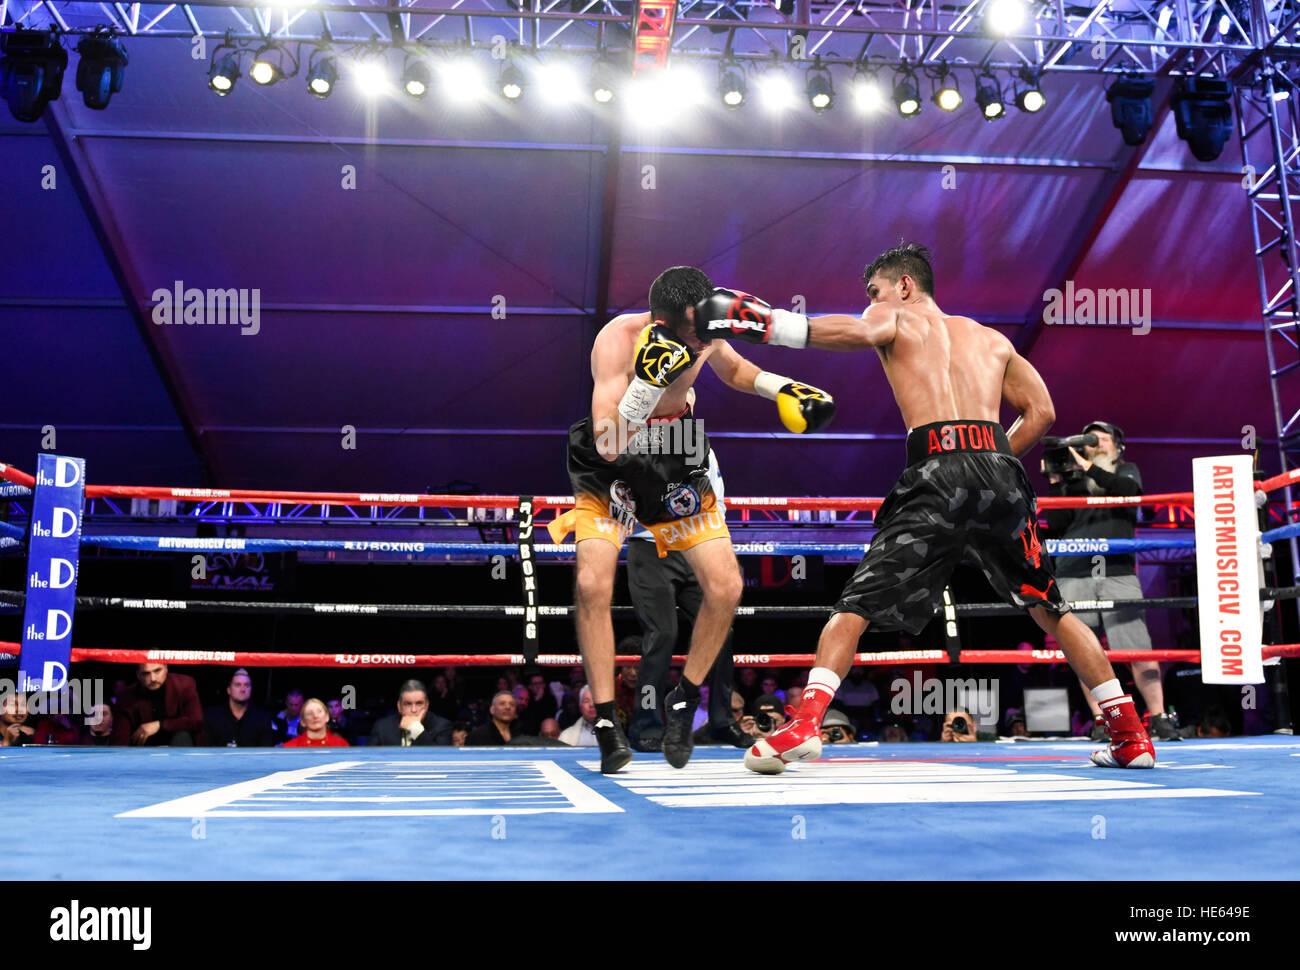 Las Vegas, Nevada, EE.UU. 17 de diciembre de 2016. 'Lil' Oscar Cantu batallas Aston Palicte en el evento Imagen De Stock